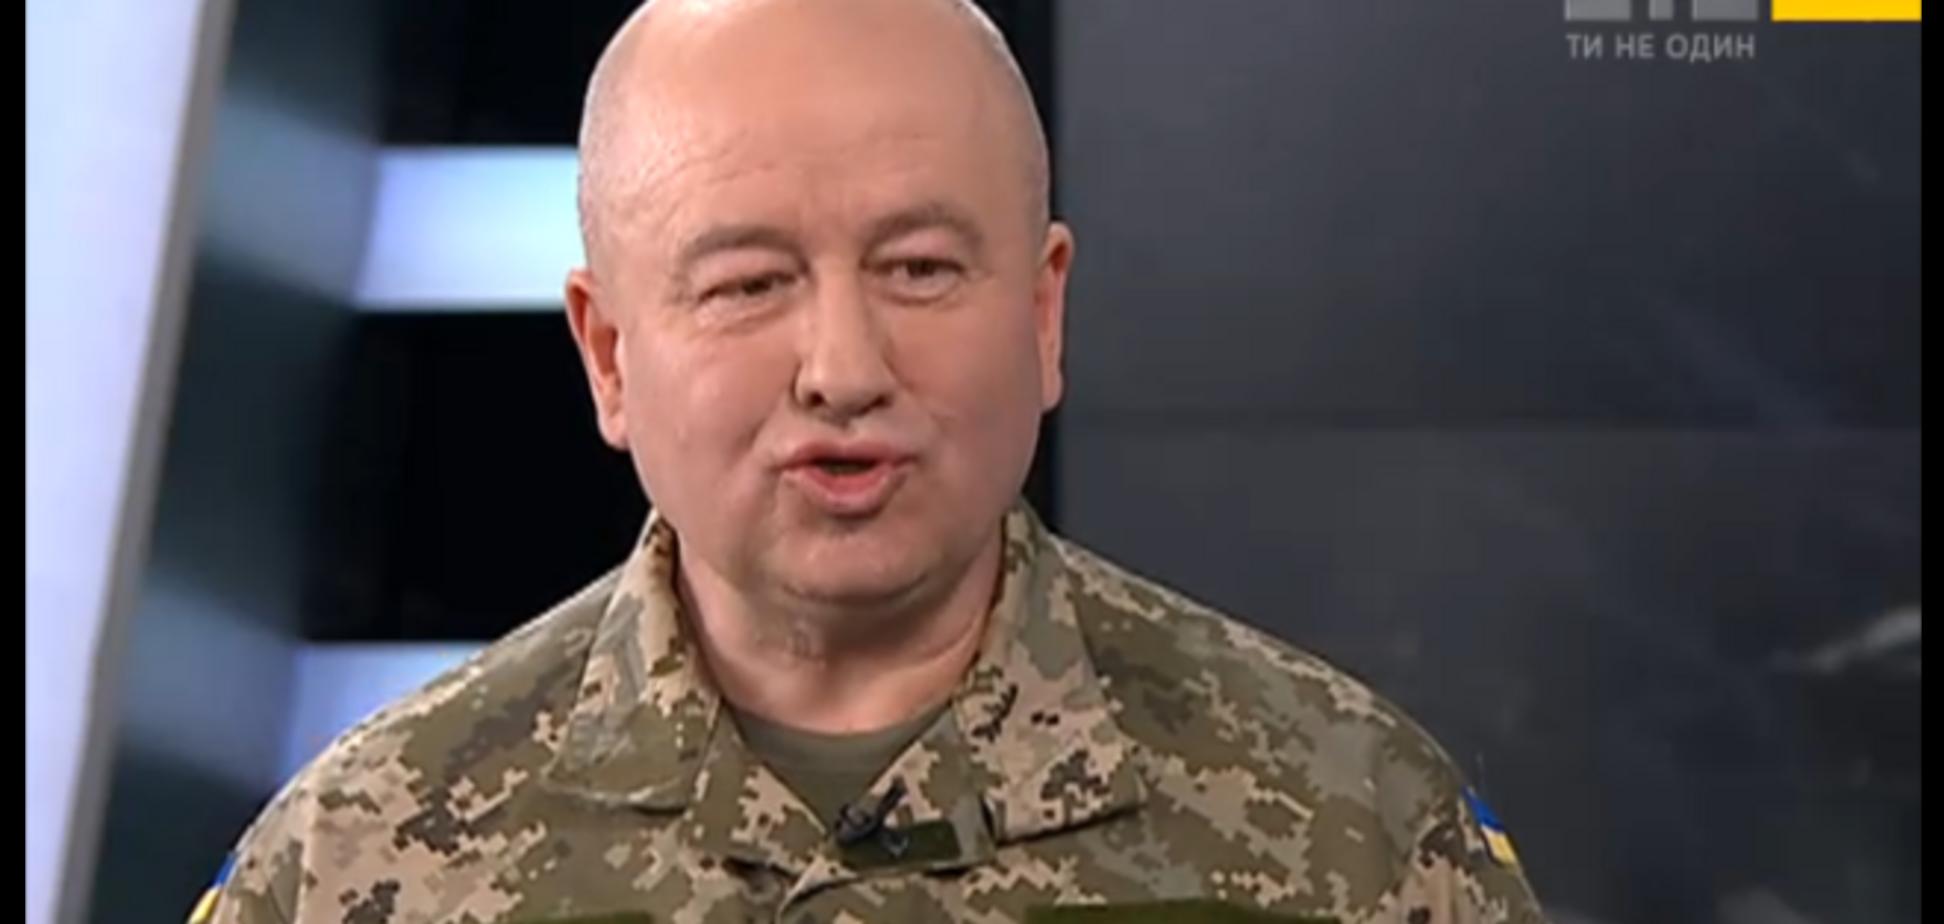 Жертвы в Дебальцево – минимальная, хотя и трагическая плата за вывод войск – замруководителя АТО